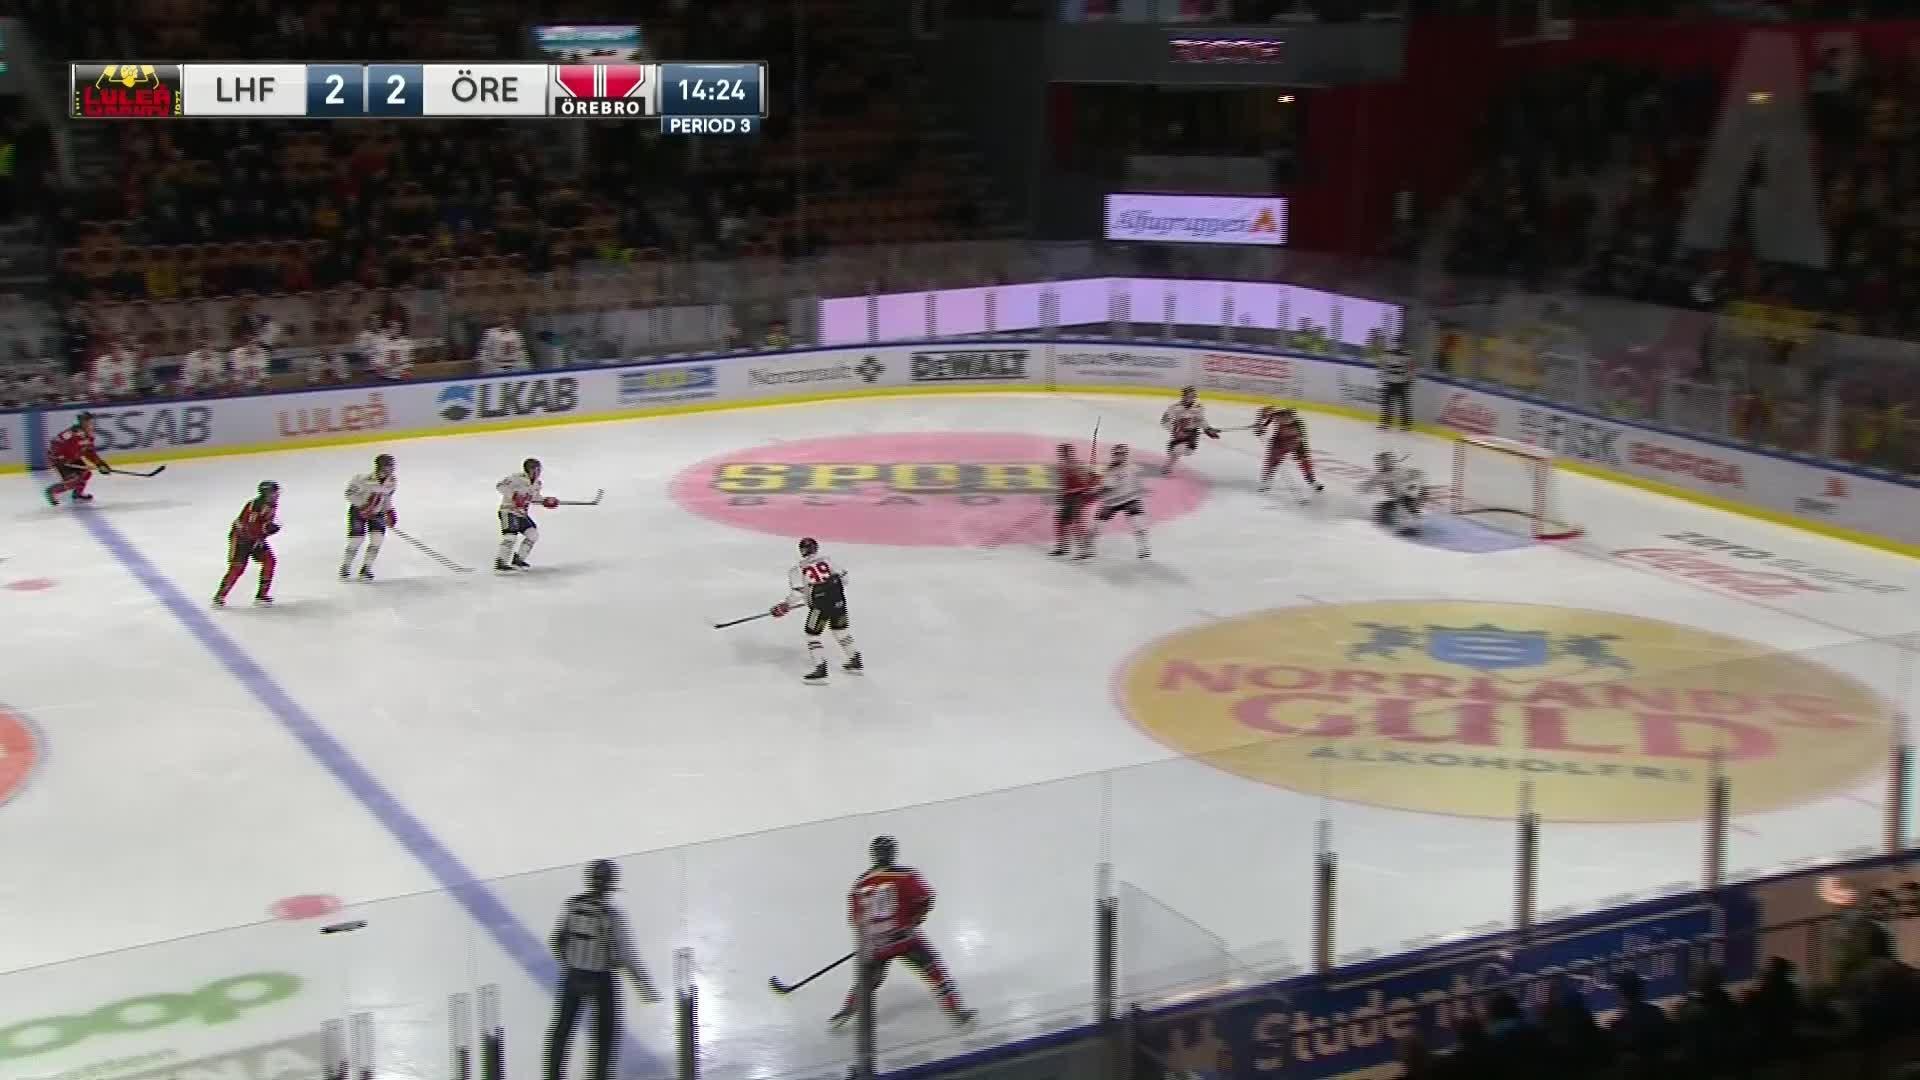 Luleå Hockey - Örebro Hockey 3-2